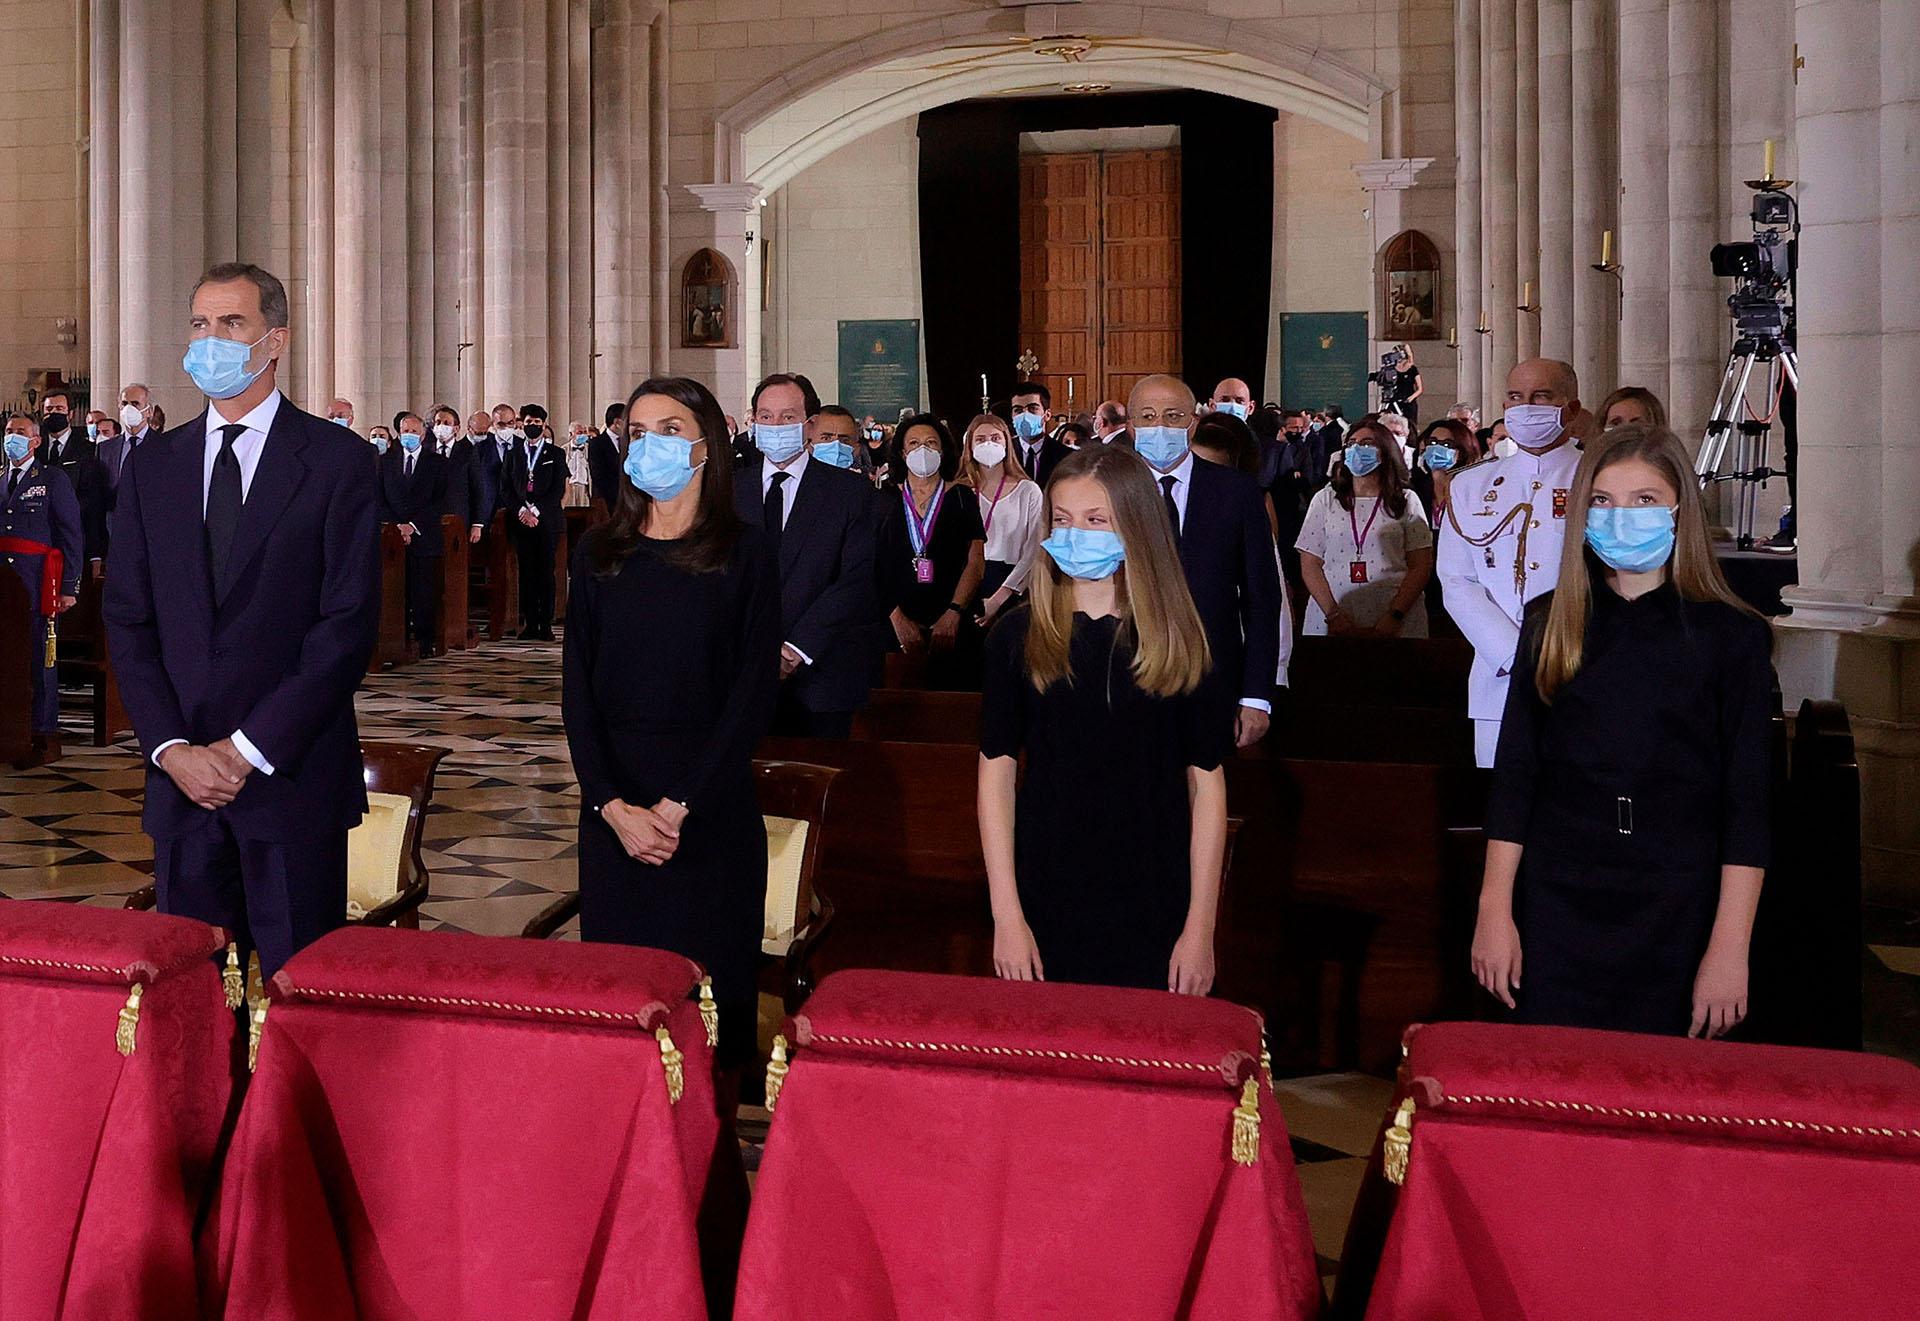 La Familia Real ingresó a la Catedral mientras sonaba el himno nacional y se ubicaron en la primera fila, del lado del Evangelio